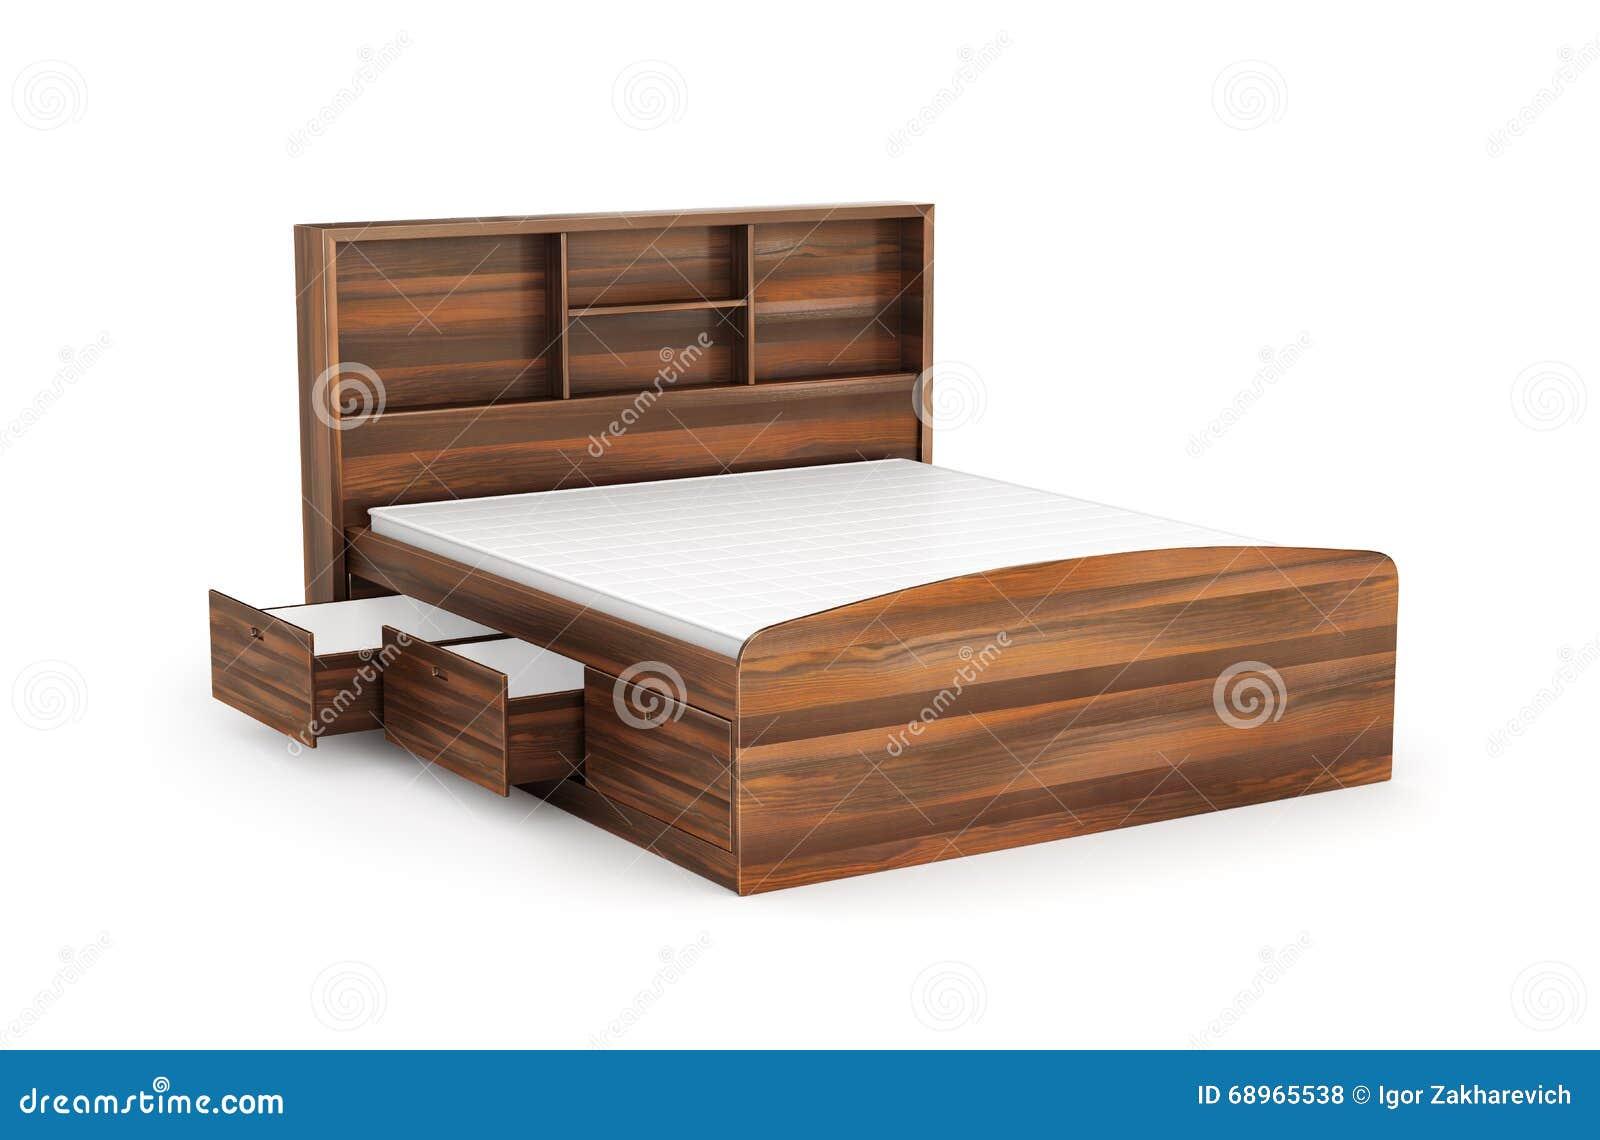 Cama matrimonial con el caj n de debajo stock de for Camas con cajones debajo